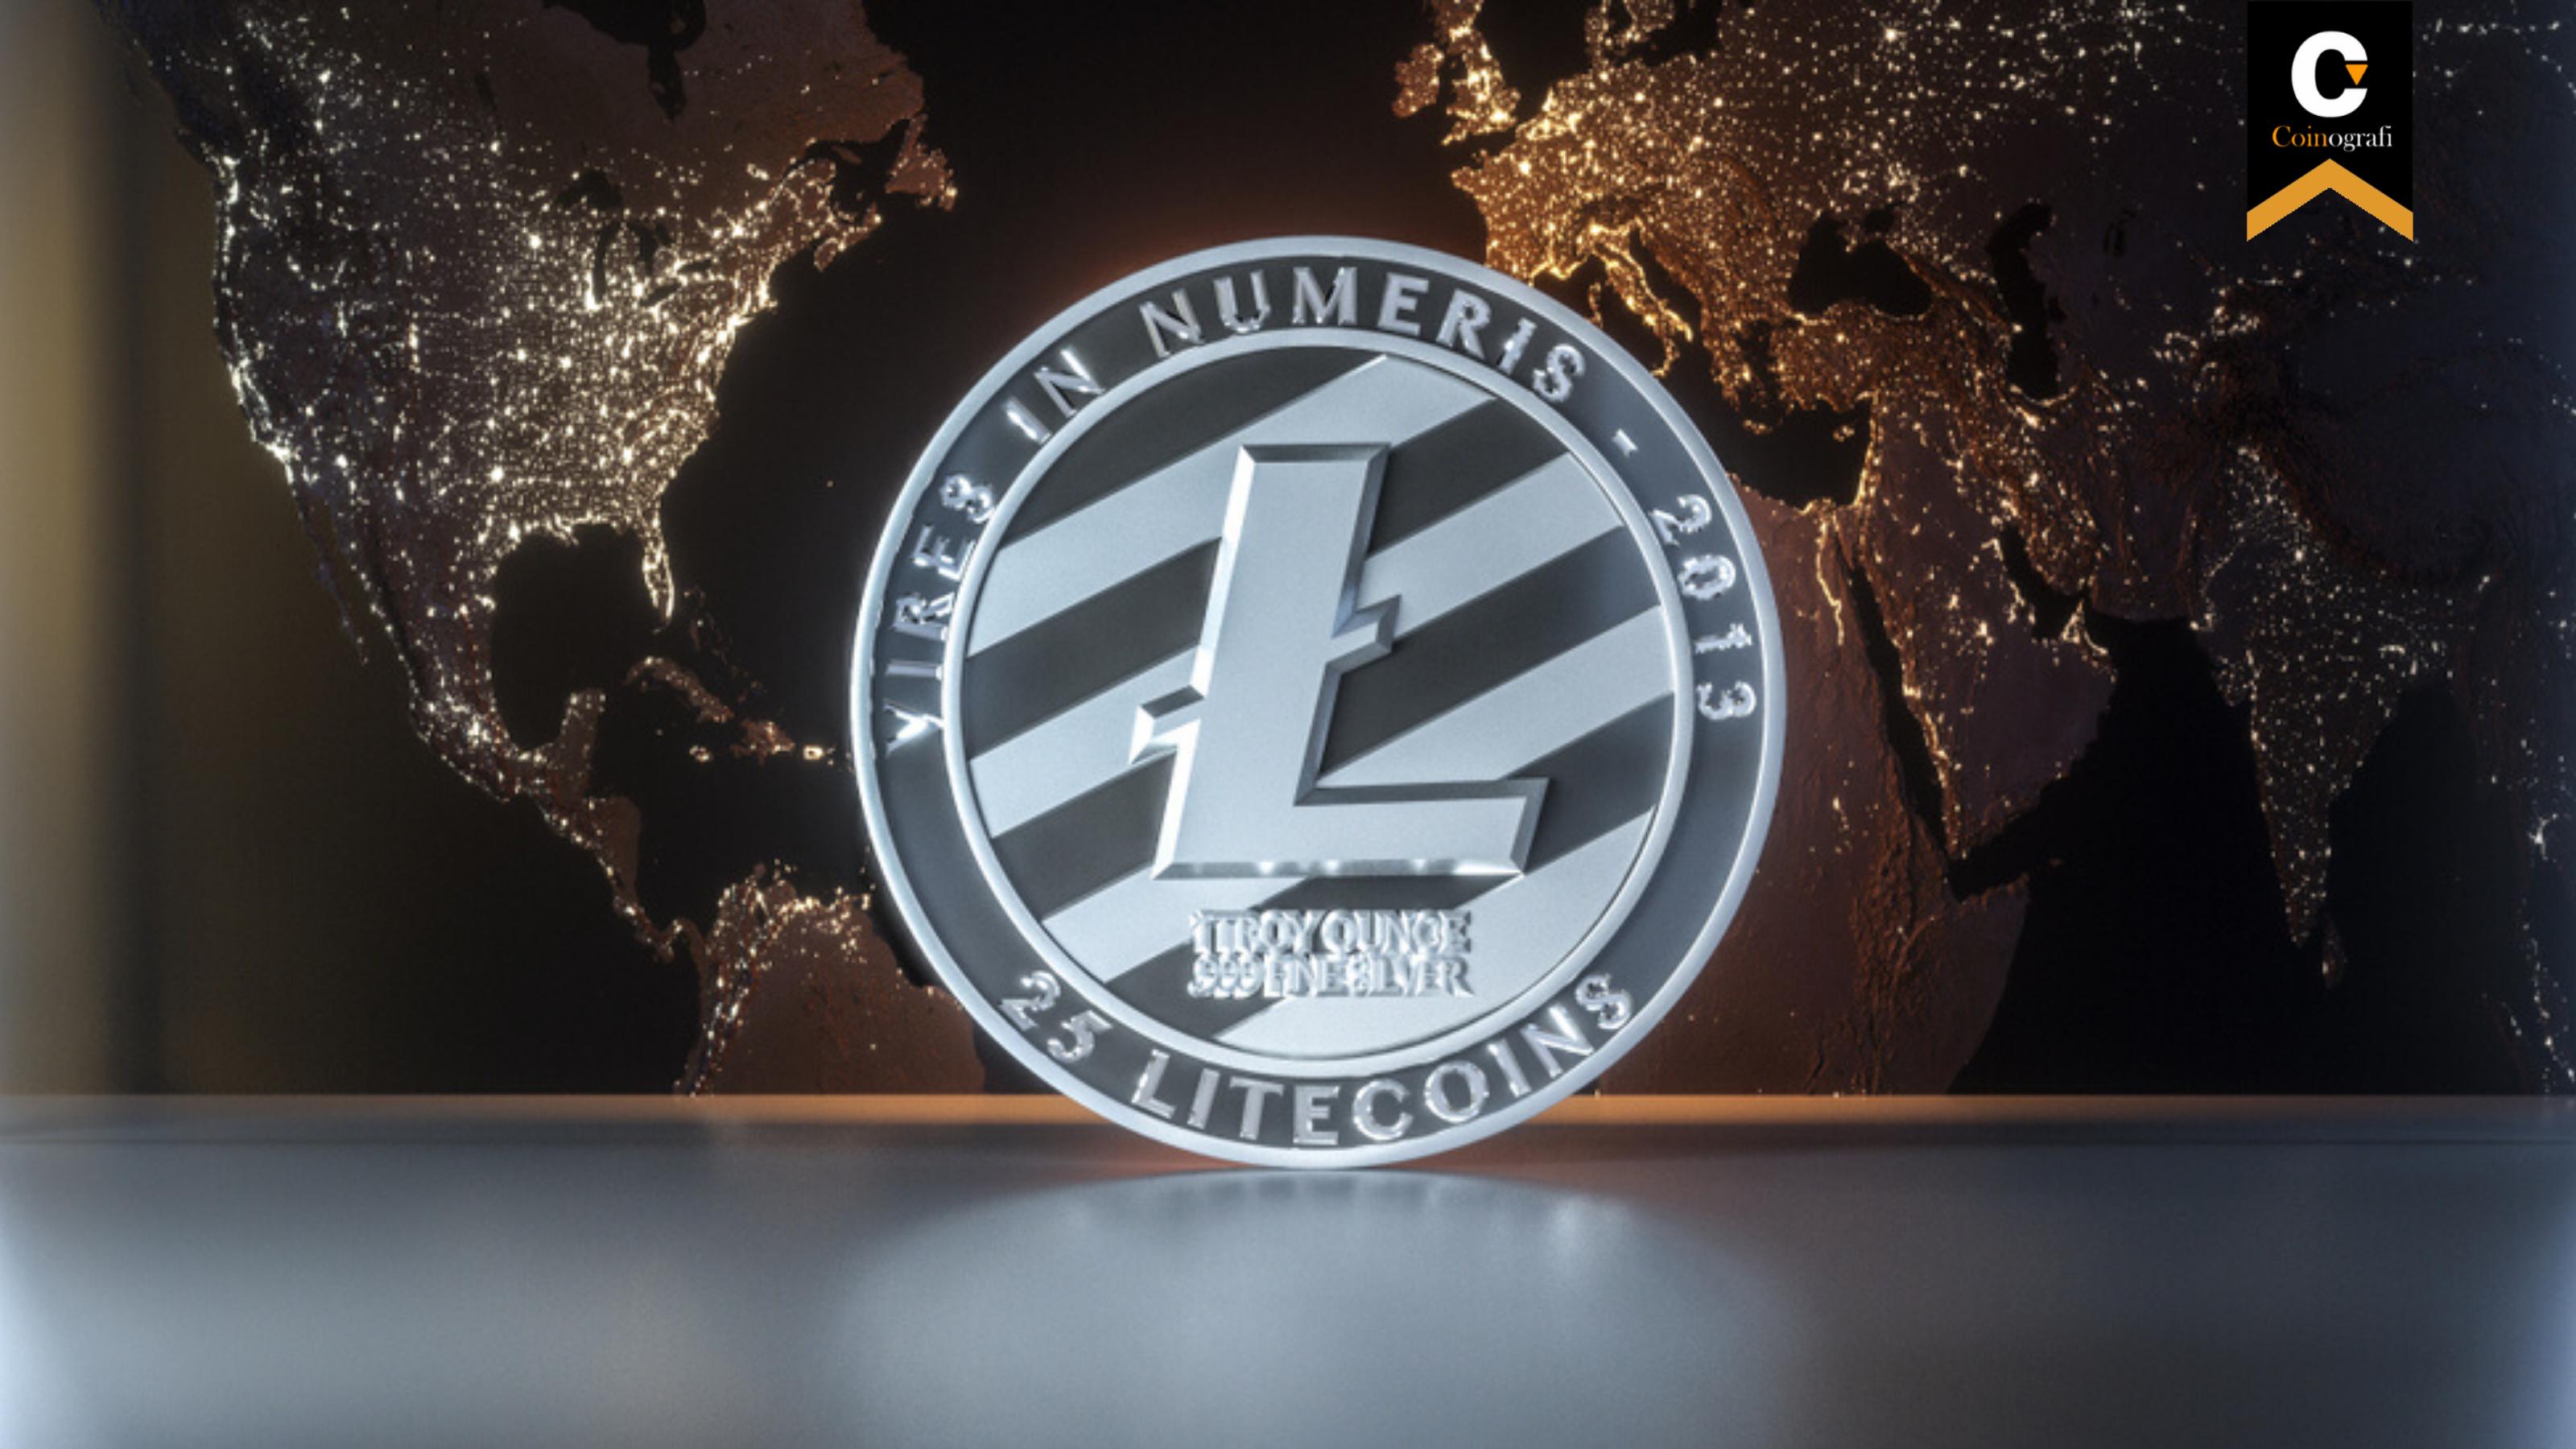 Litecoin Yatırımcıları Bu Ortaklıkla Birlikte Yüzde 10 Faiz Kazanabilecek